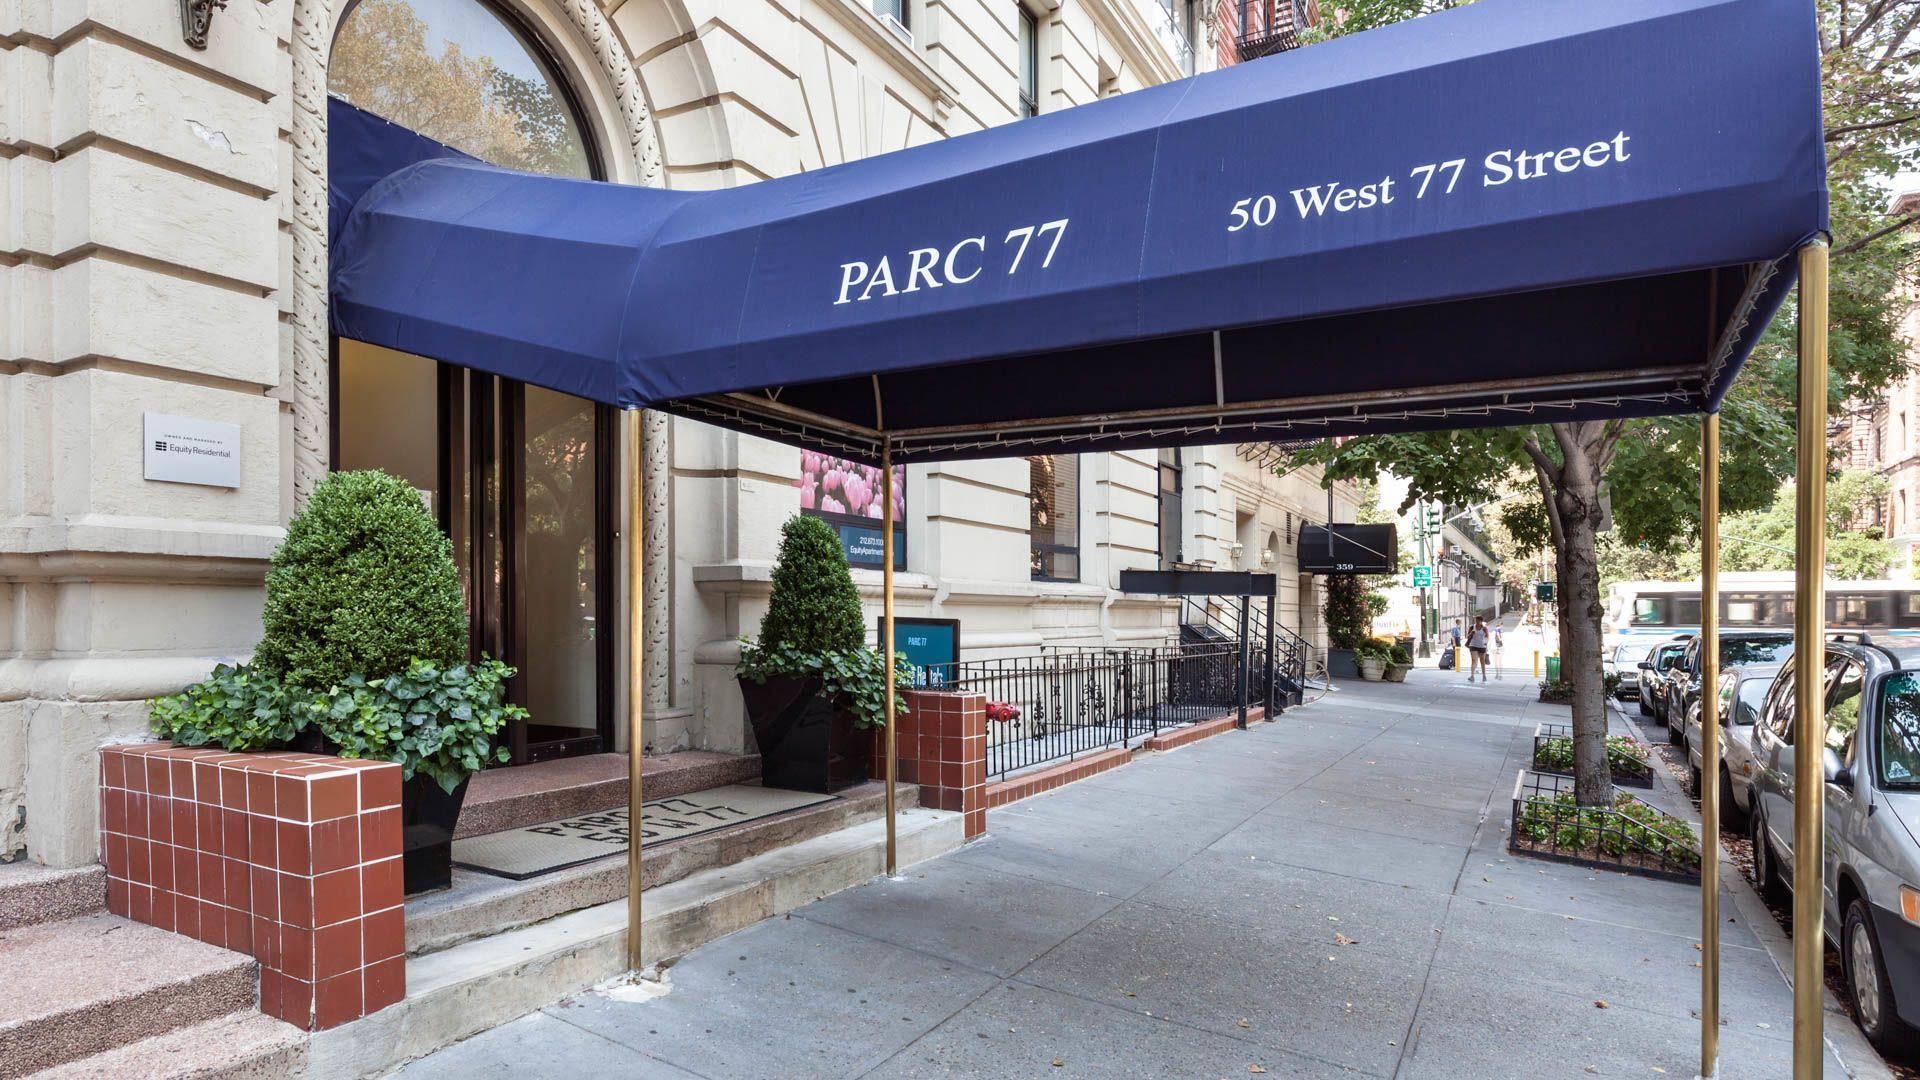 Parc 77 Apartments Exterior